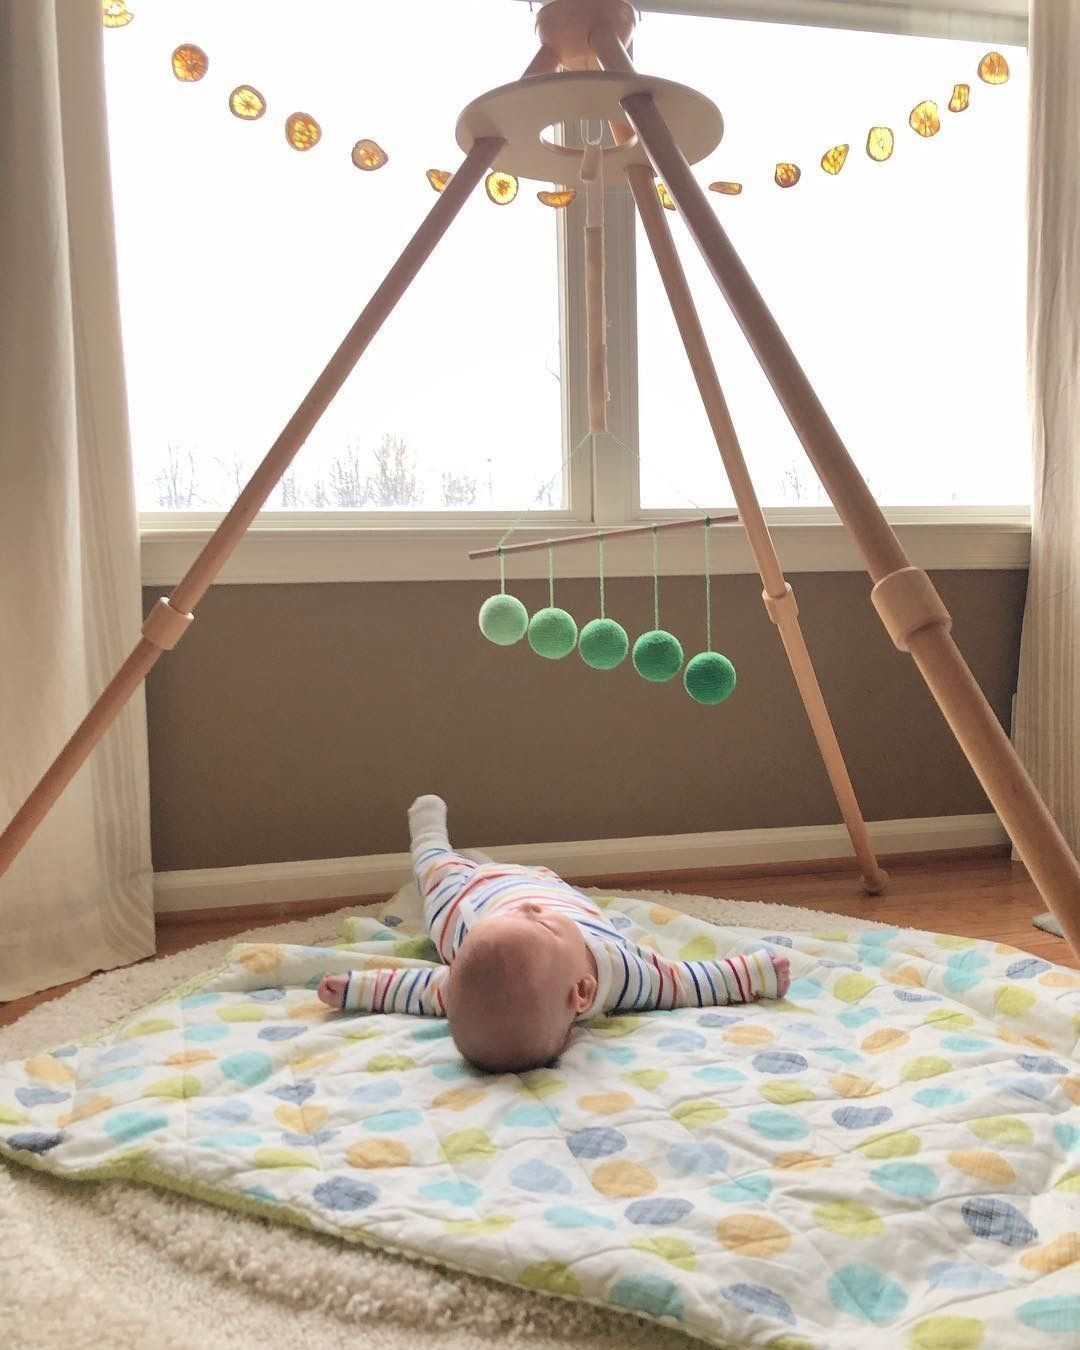 montessori, pikler, movimiento libre, decoración infantil, maloo studio, bebé